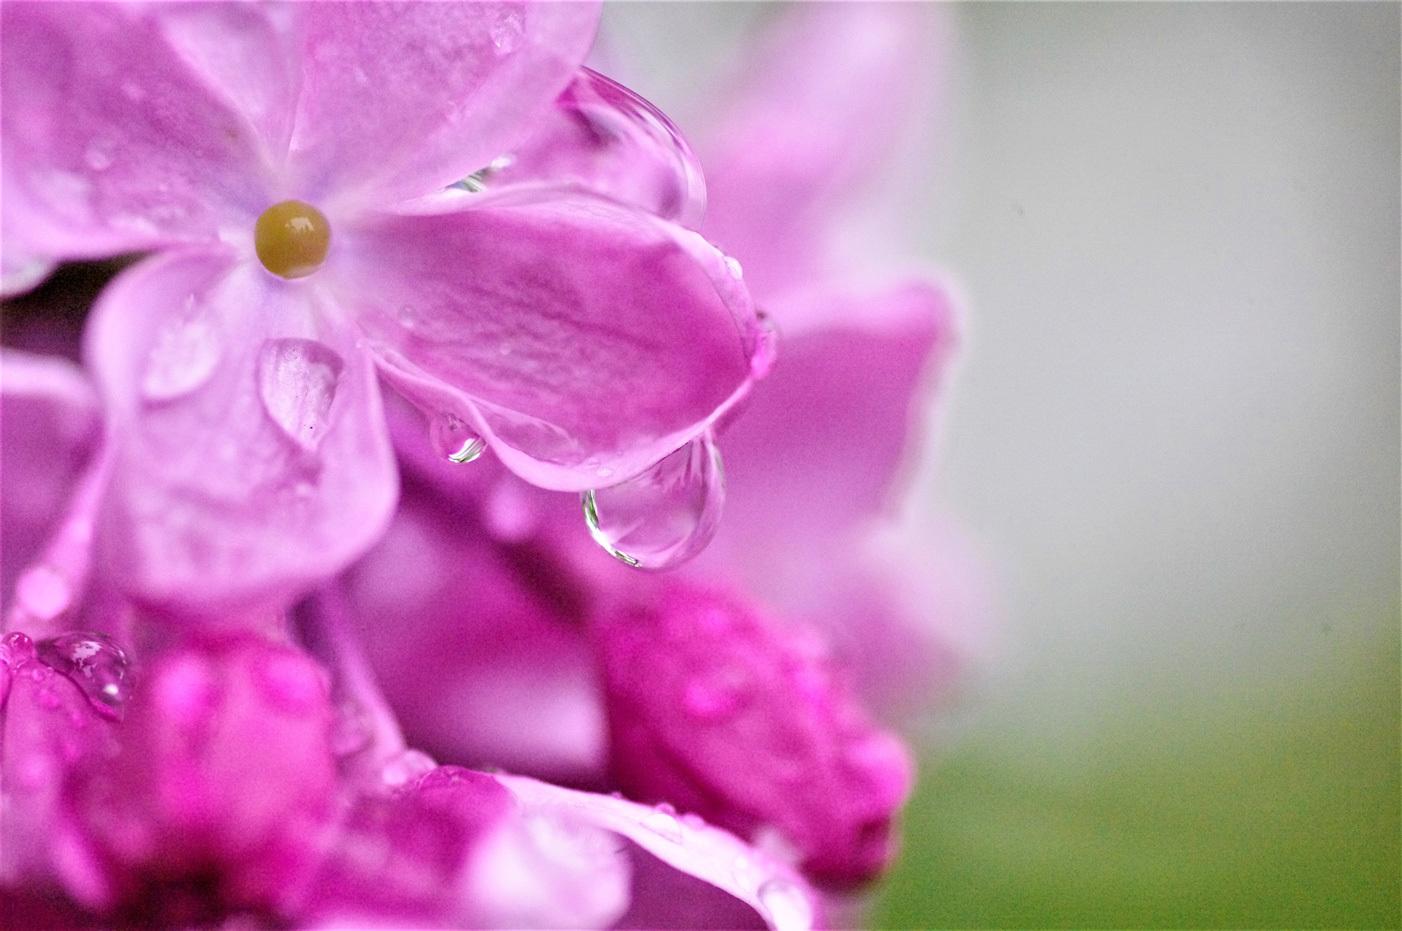 雨のライラックと紫蘭_e0291438_09521776.jpg